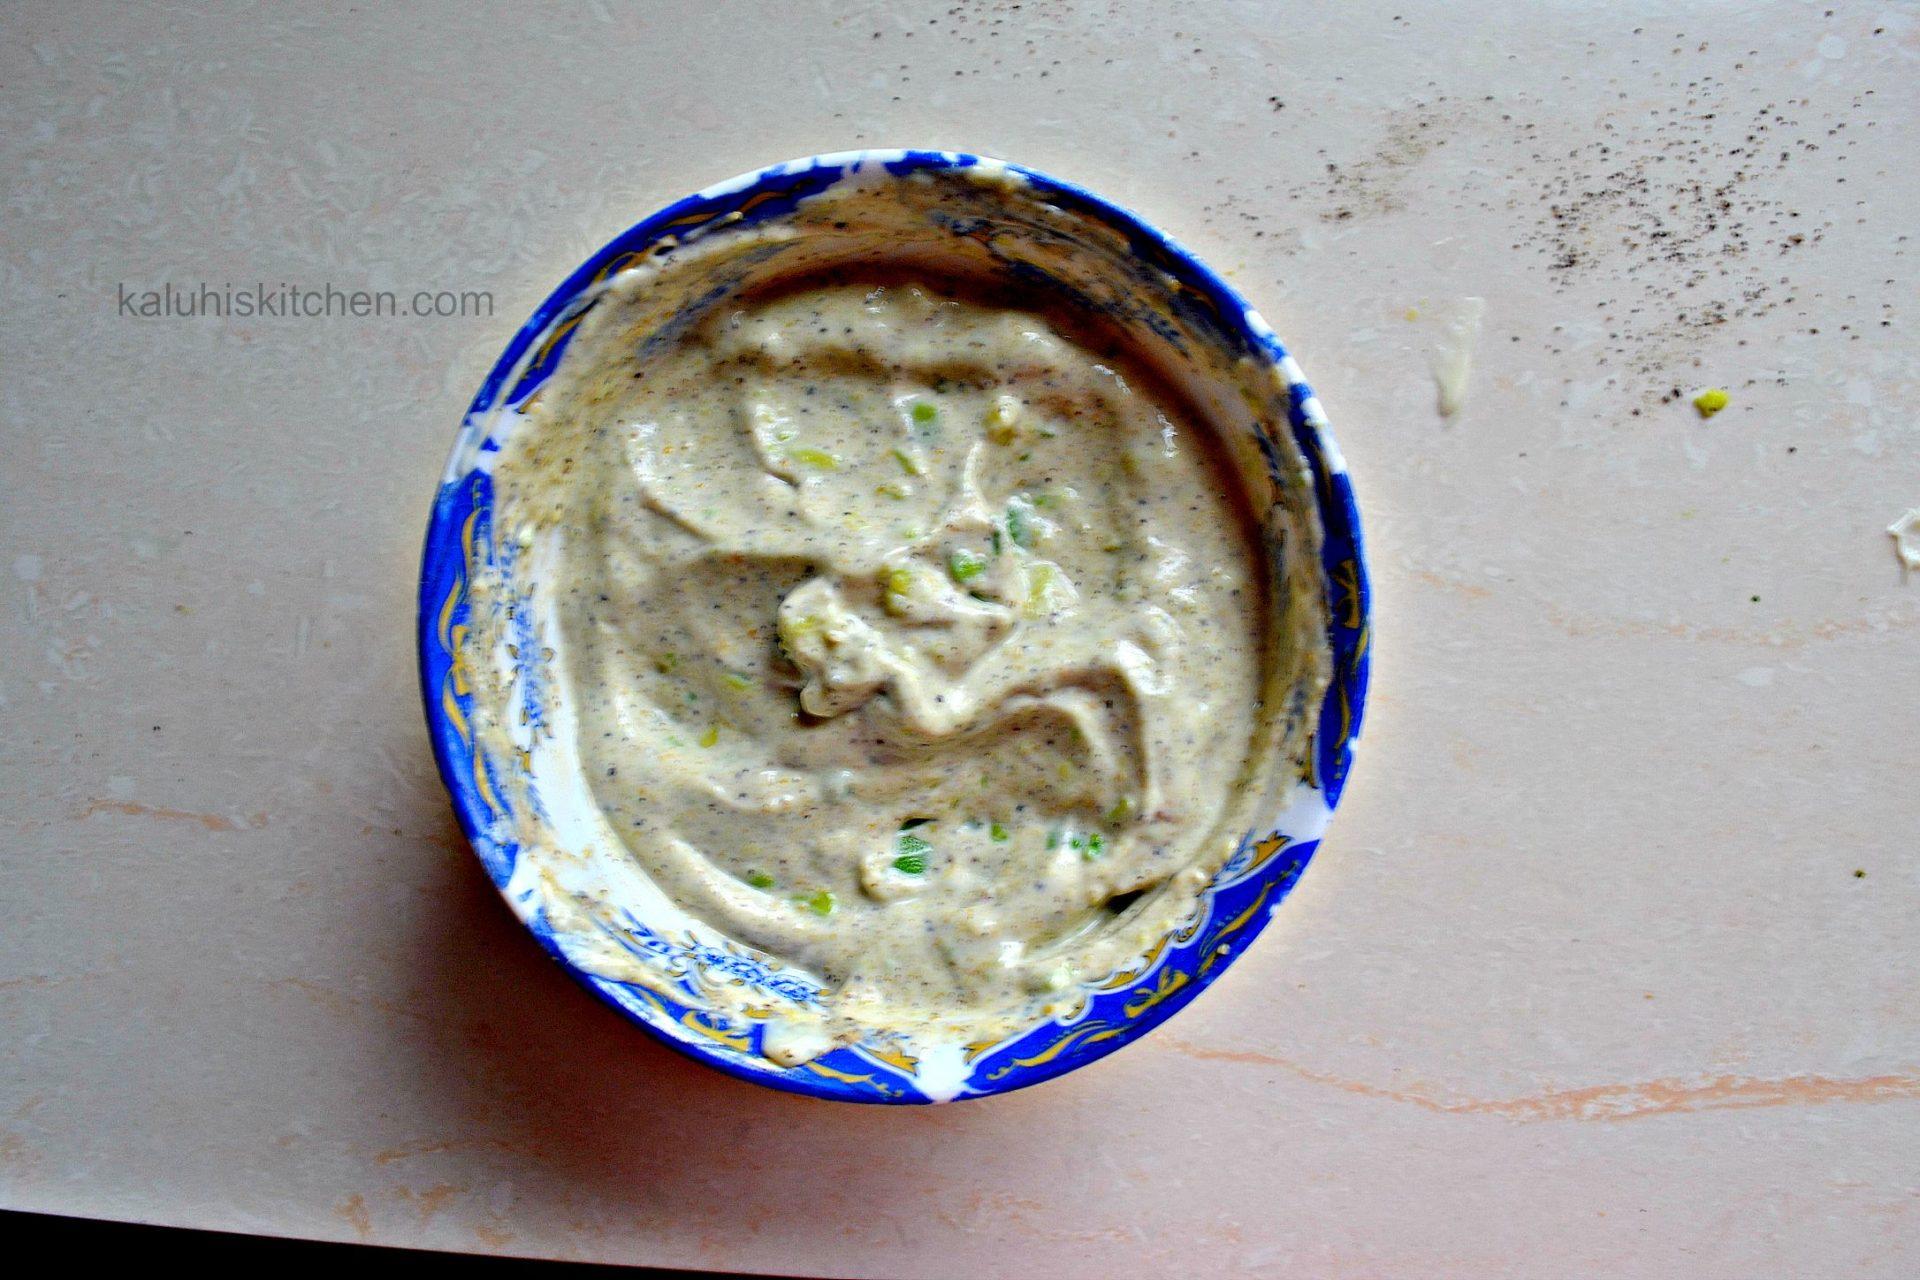 tartar sauce with avocado_how to make tartar sauce_kaluhiskitchen.com_african cuisine